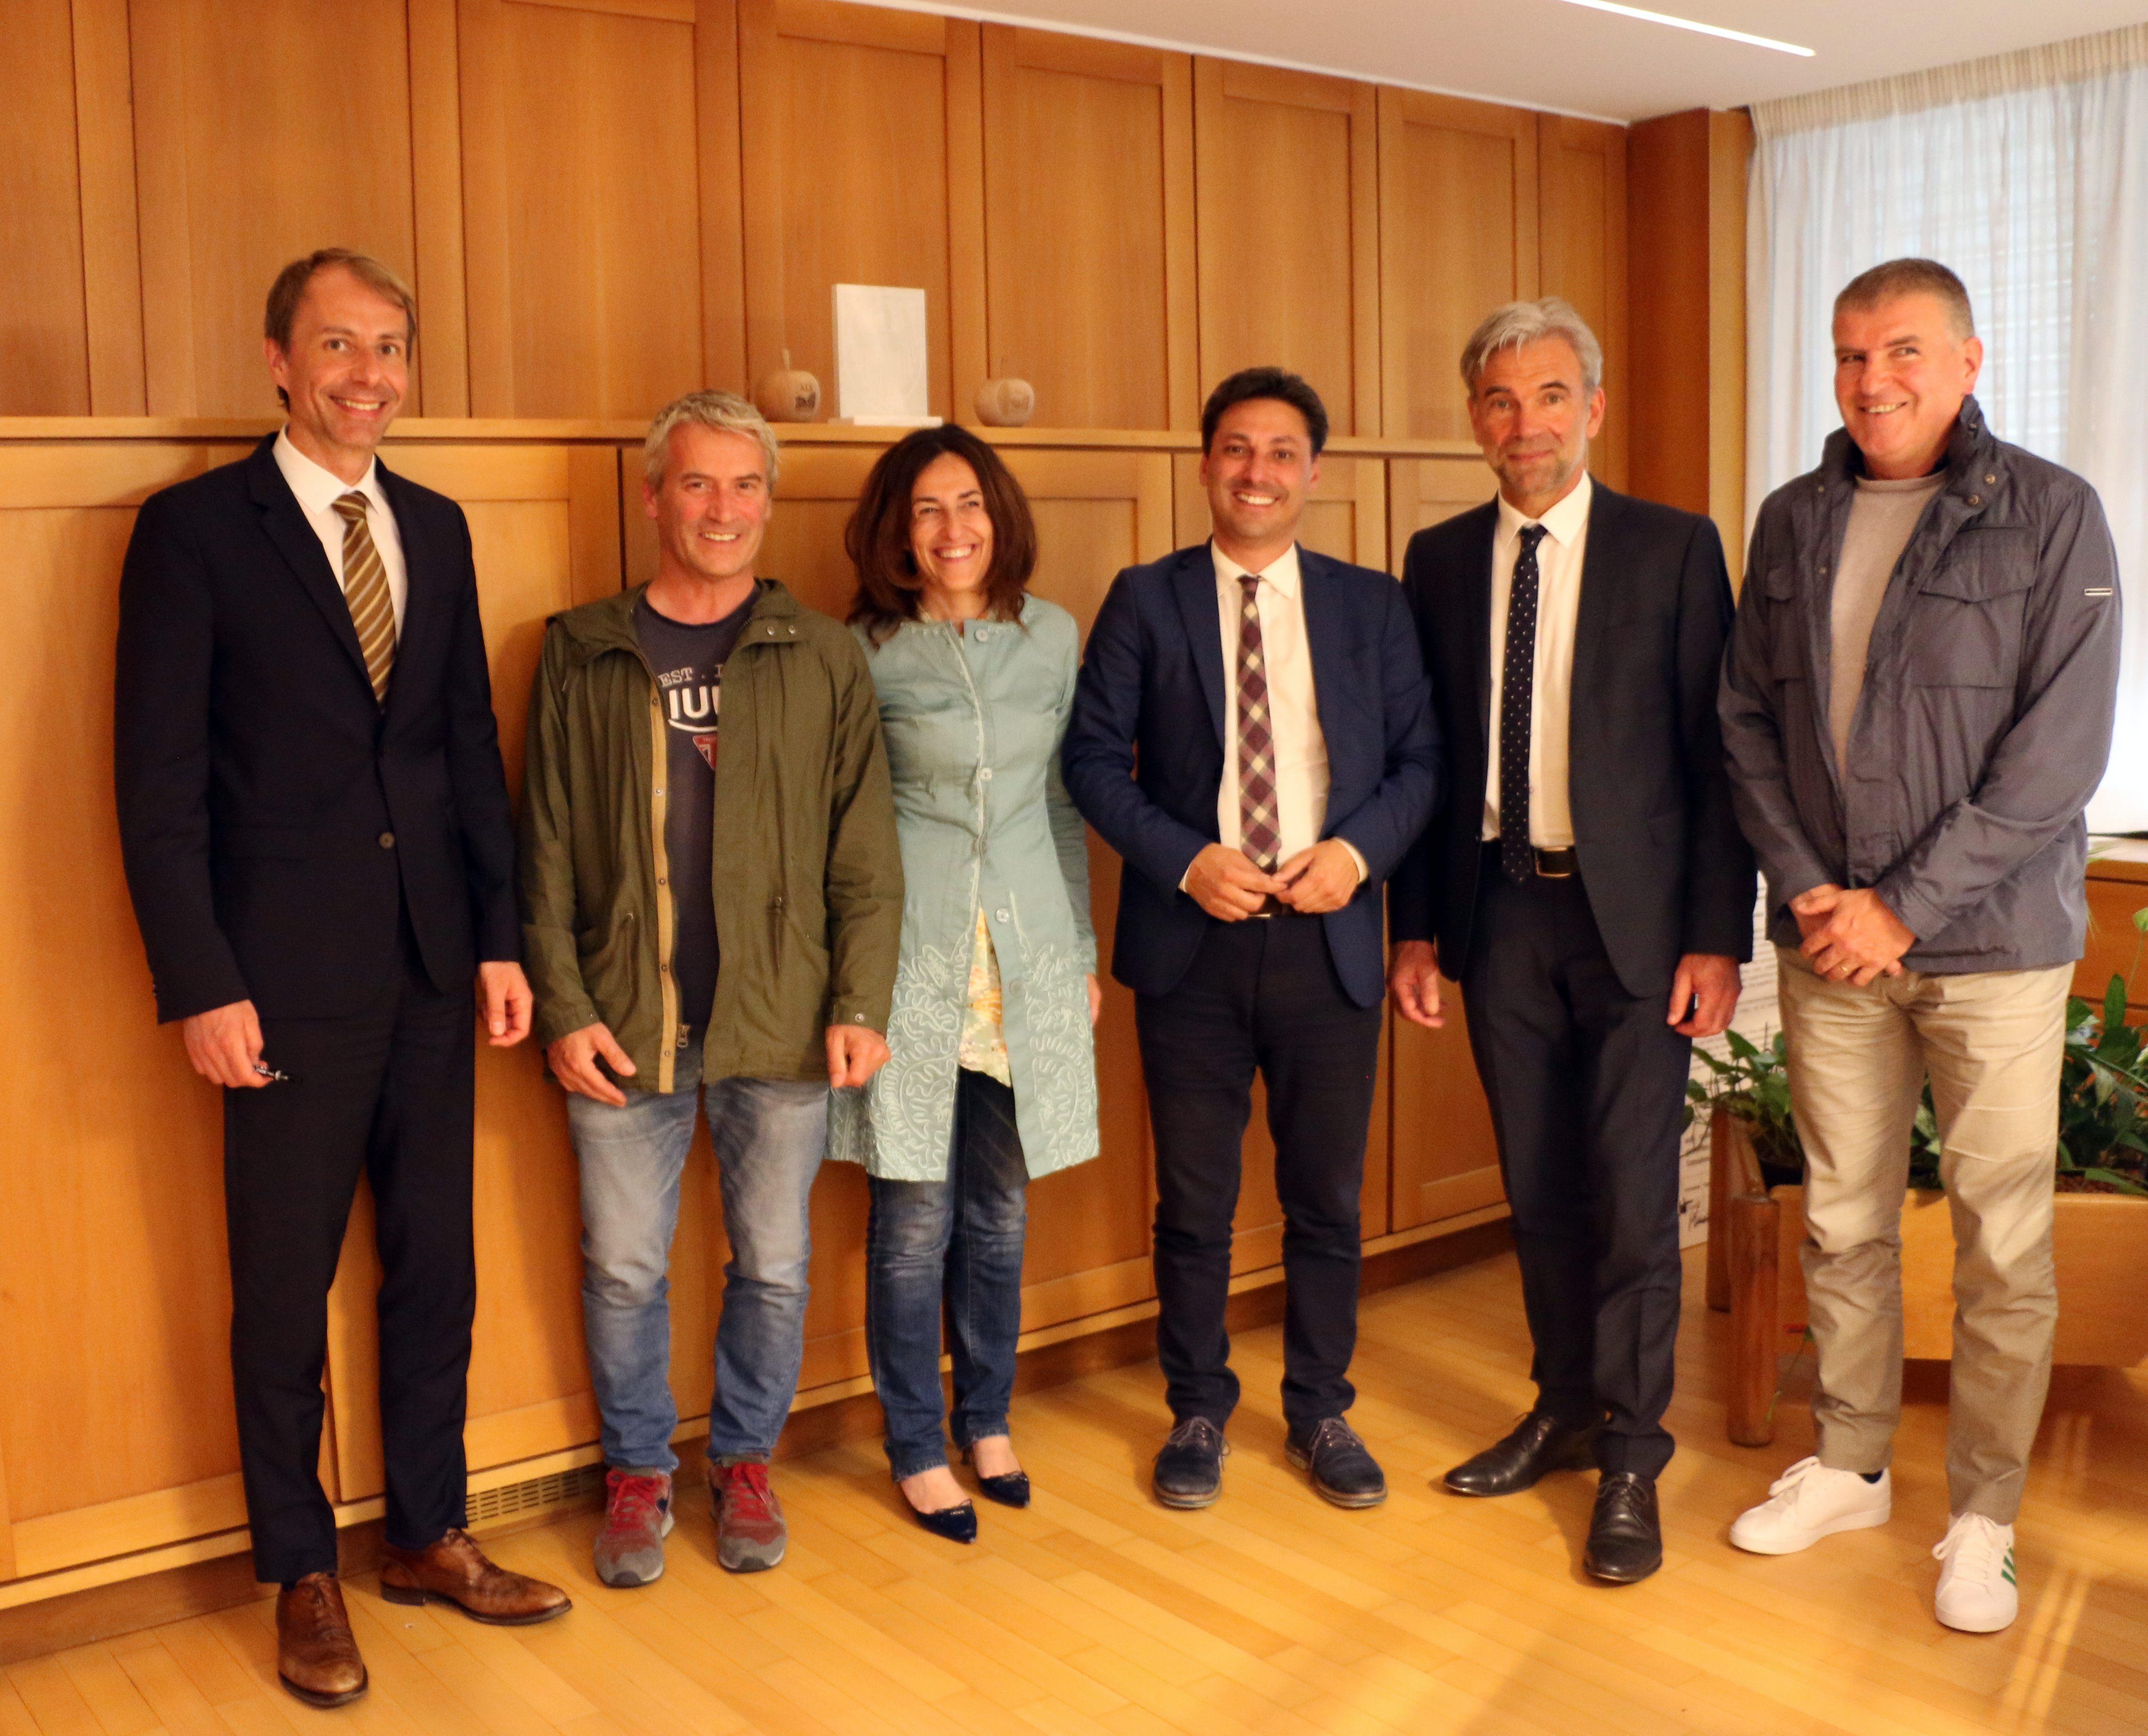 Management turistico Klaus Unterweger Davide Vuillermoz Gabriella Morelli Laurent Vierin Arnold Schuler Marco Albarello